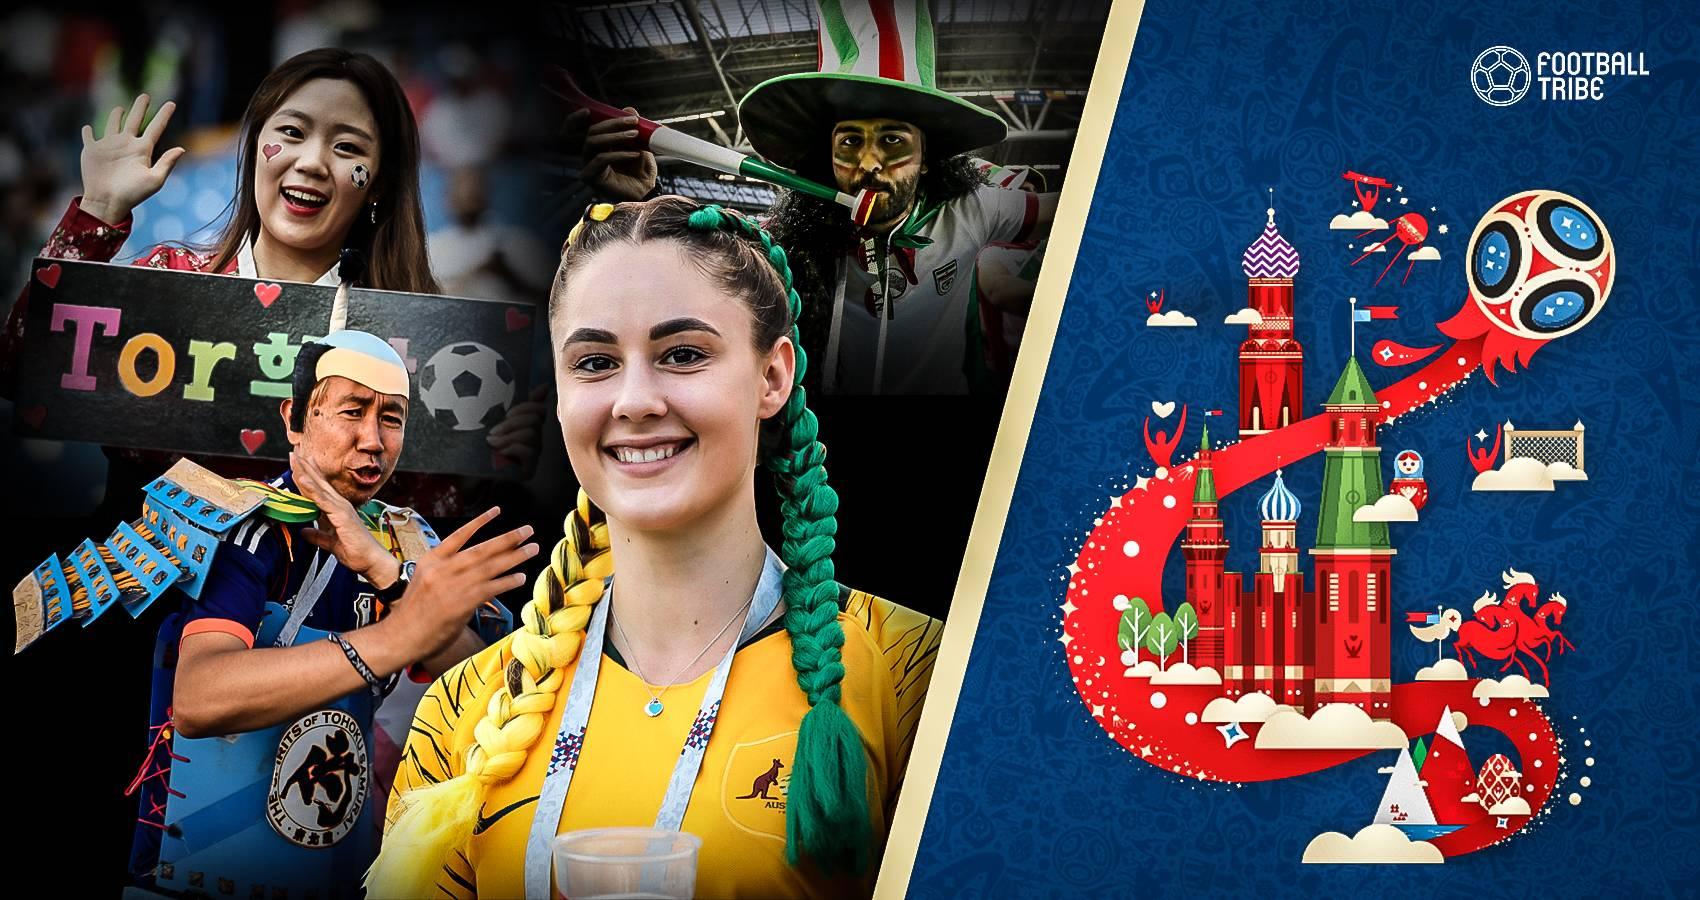 สู่สายตาชาวโลก : รวมภาพแฟนบอลเอเชียสร้างสีสันในเวิร์ลคัพ 2018